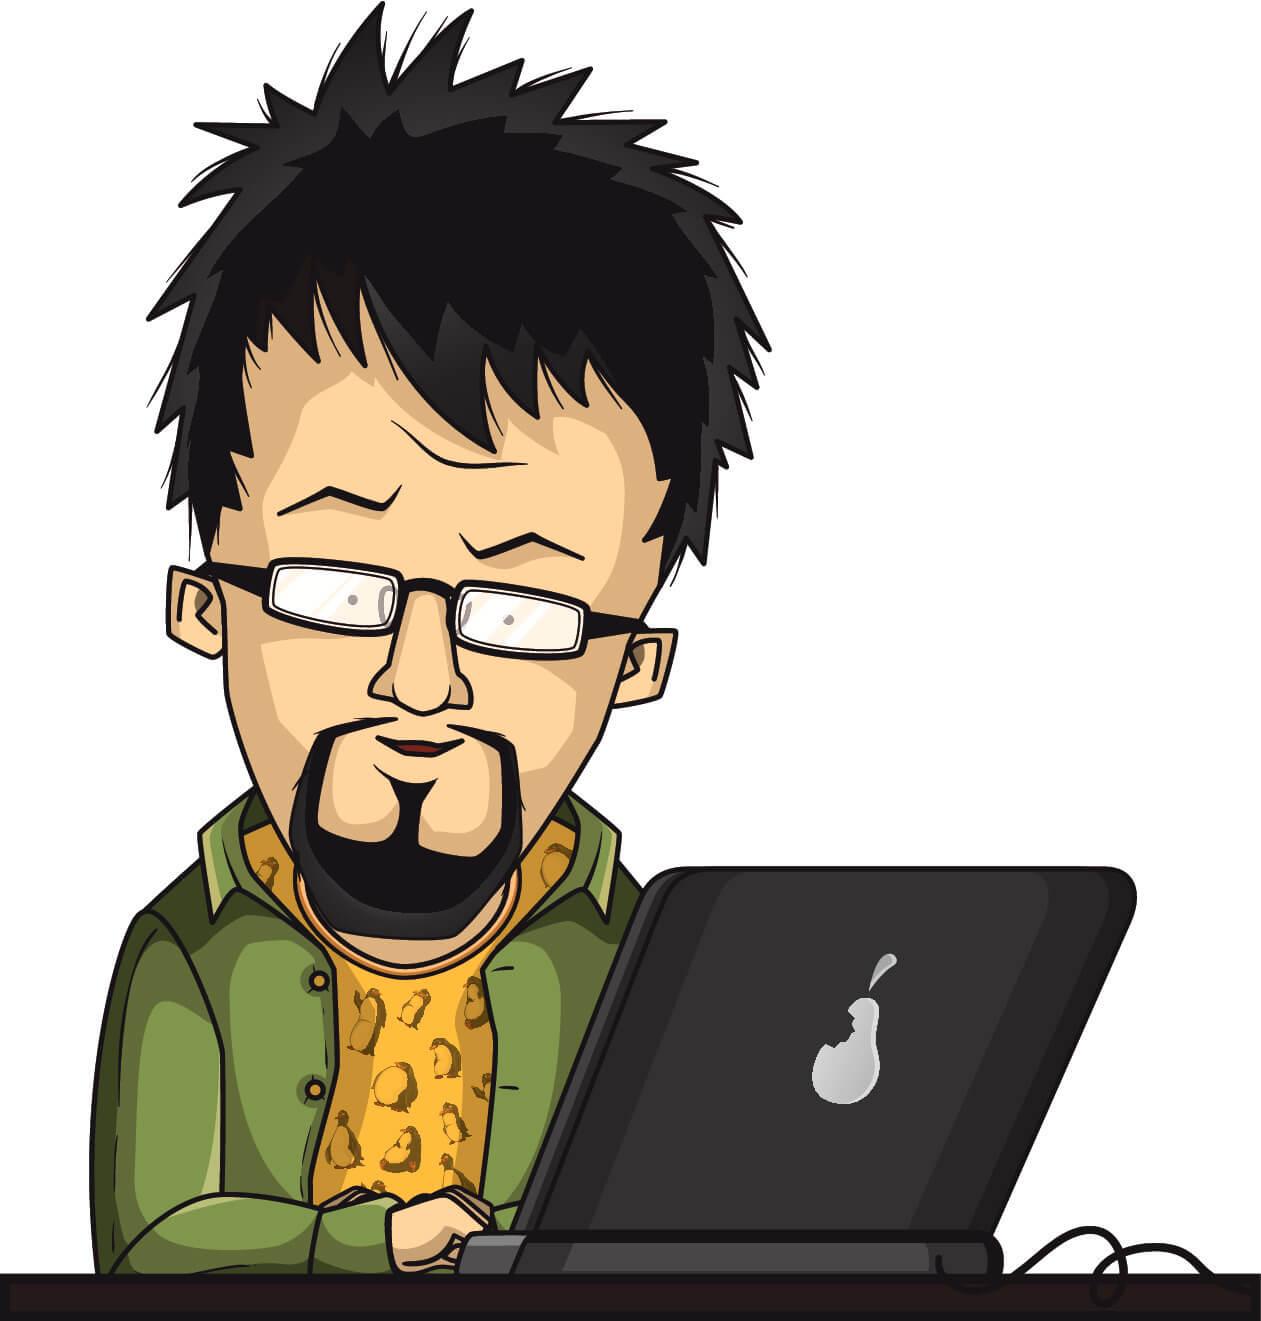 услуга веб-мастера по Договору на оказание услуг